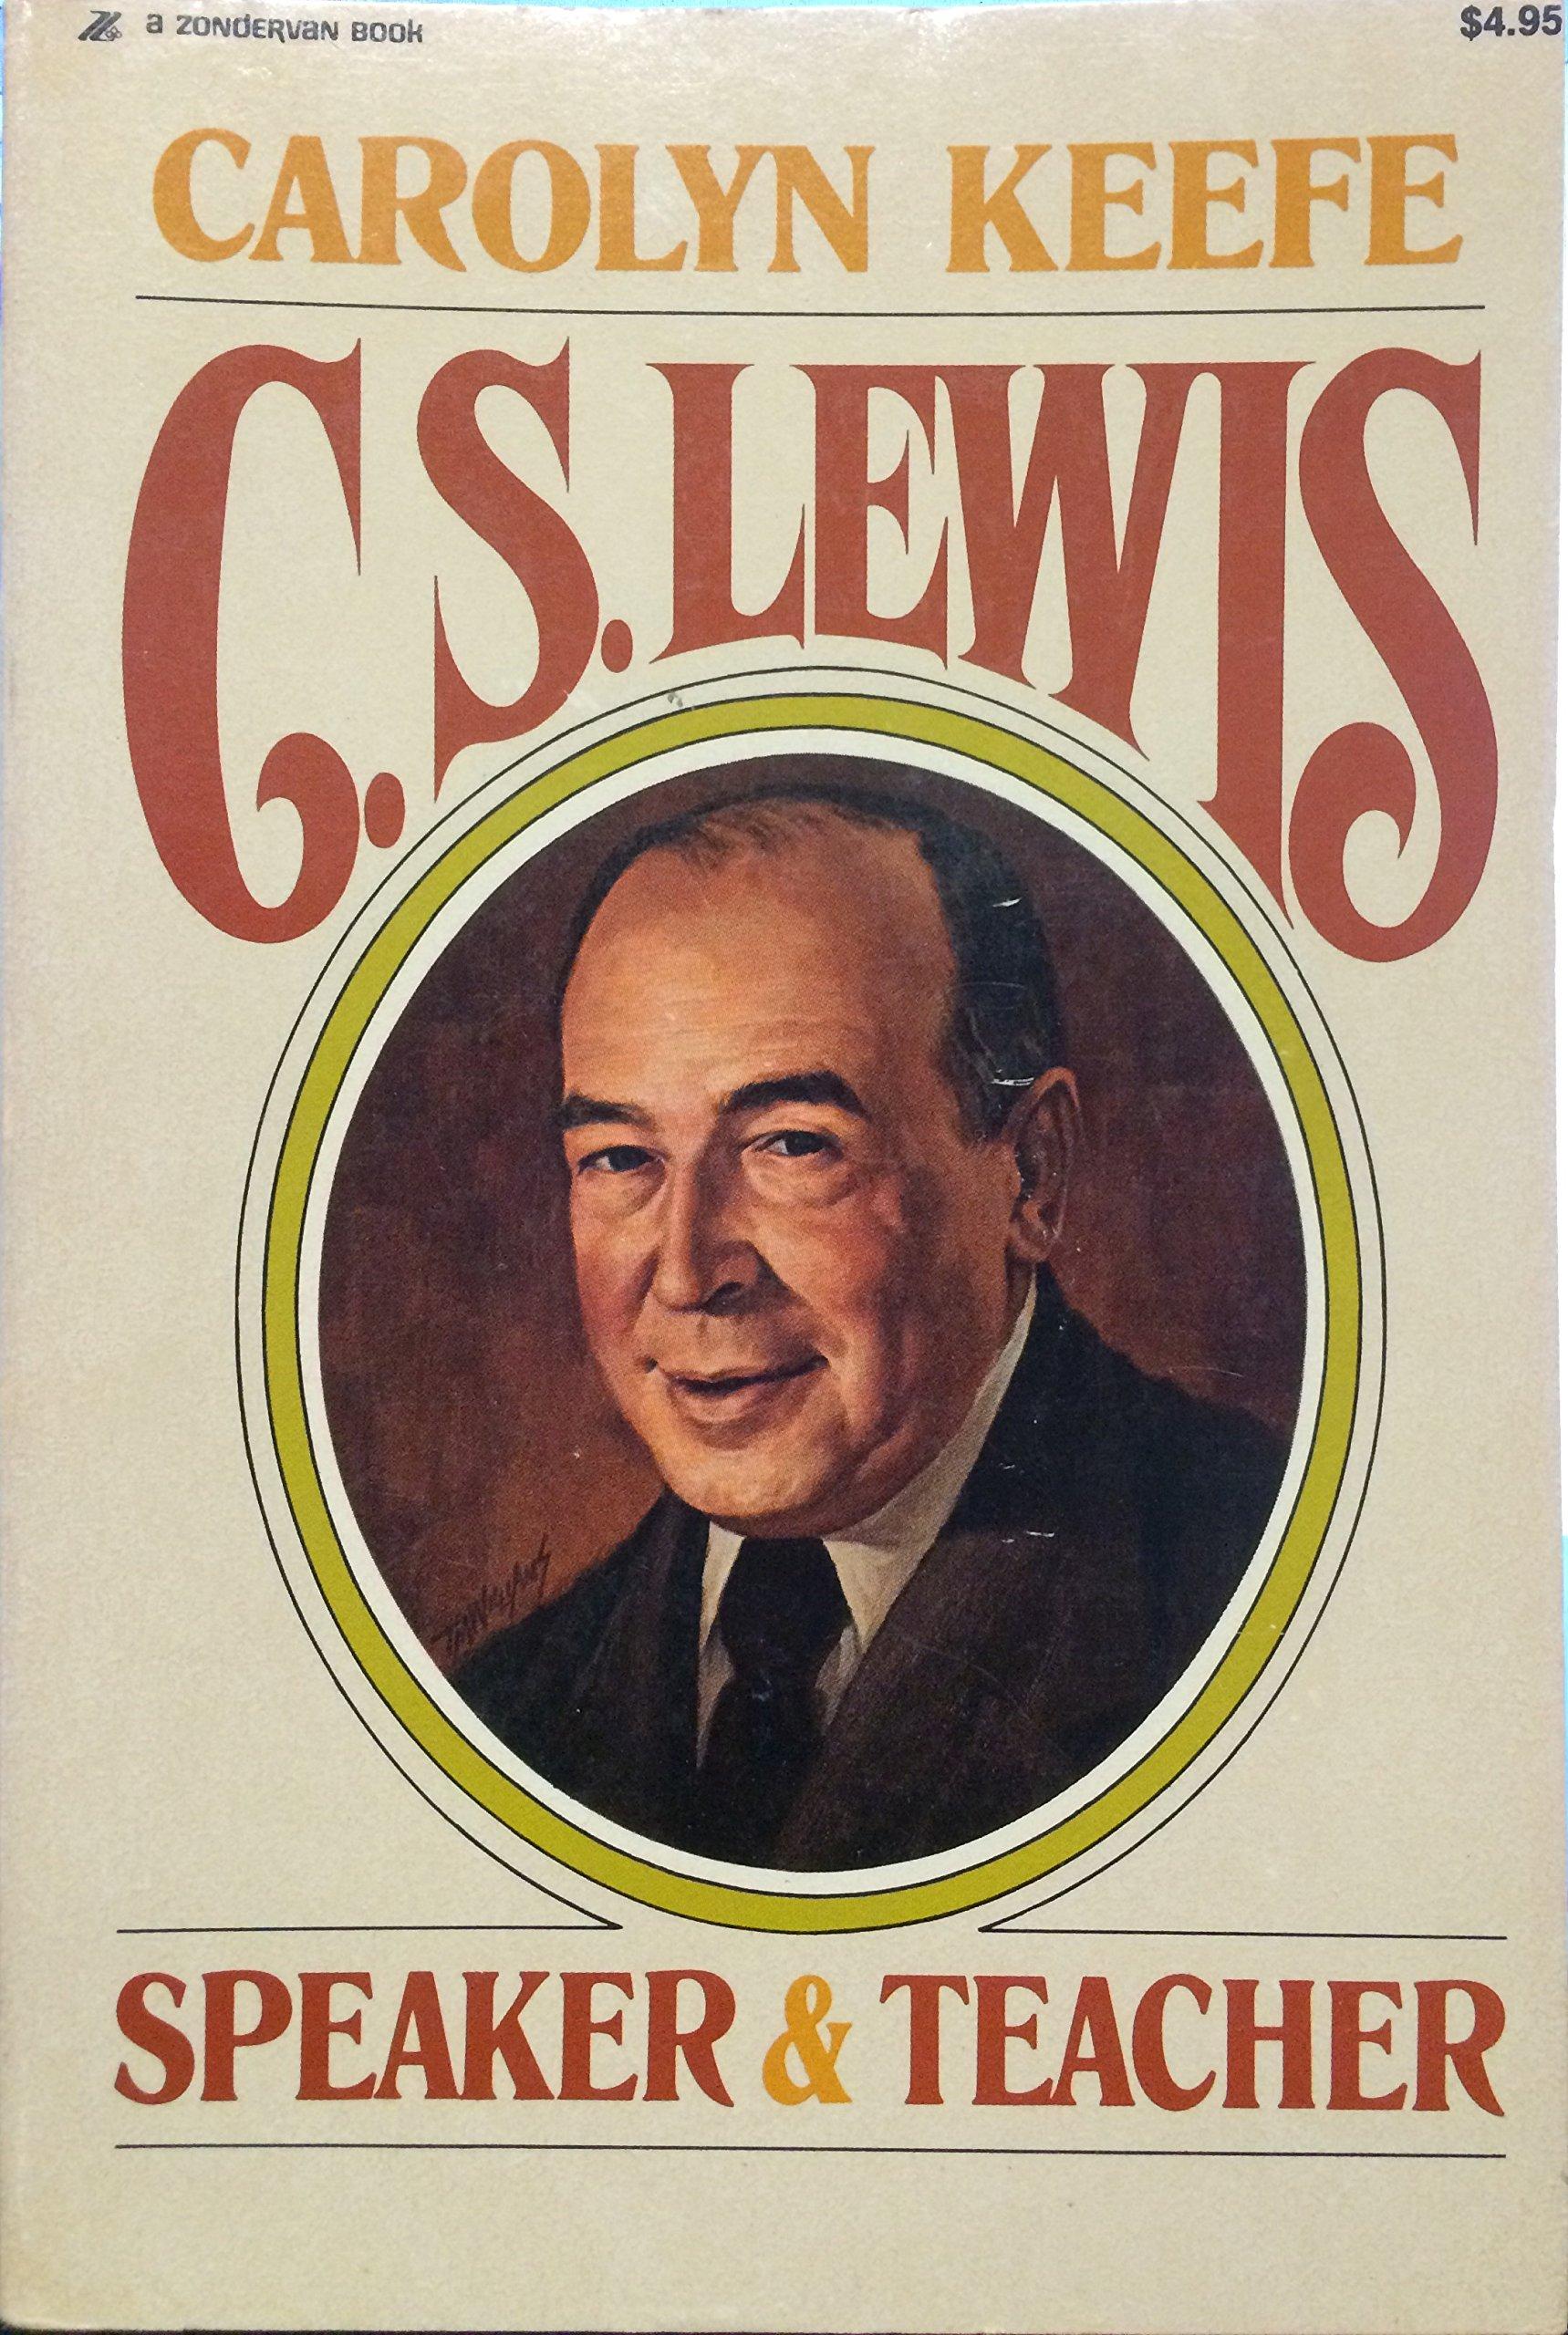 C.S. Lewis: Speaker and Teacher, Carolyn Keefe